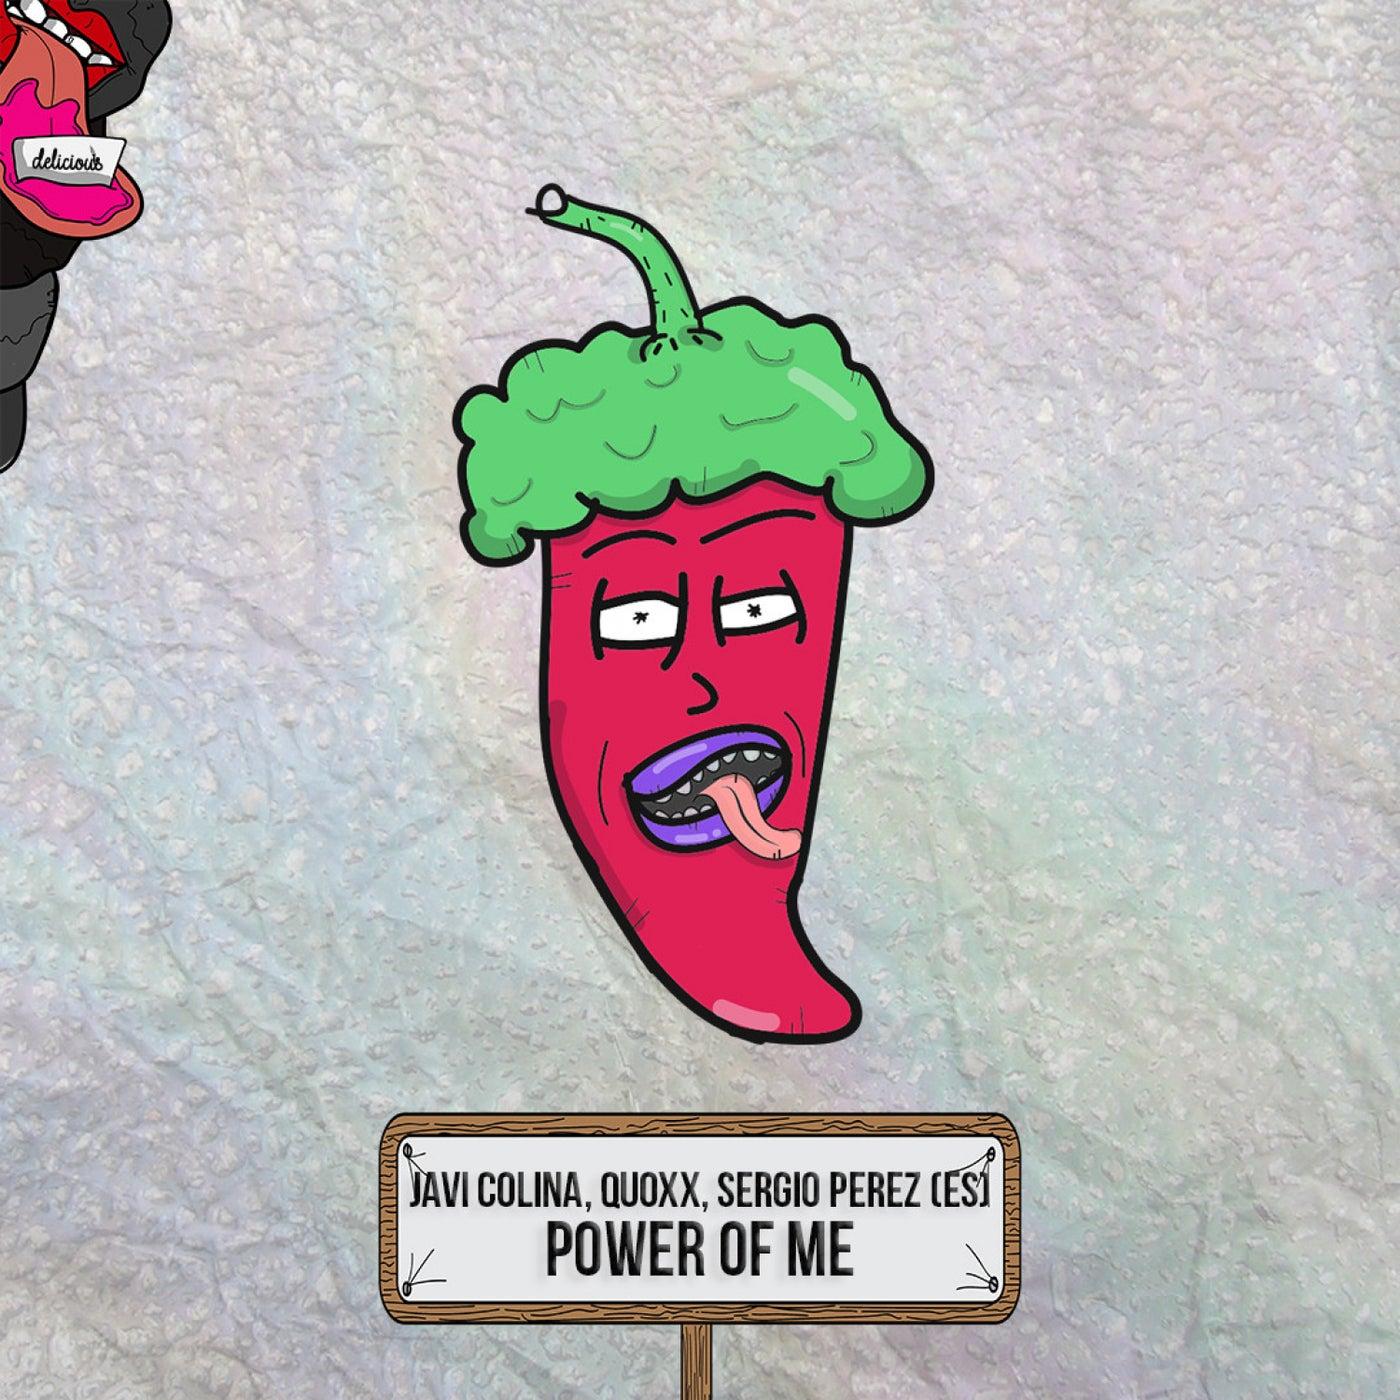 Power Of Me (Original Mix)